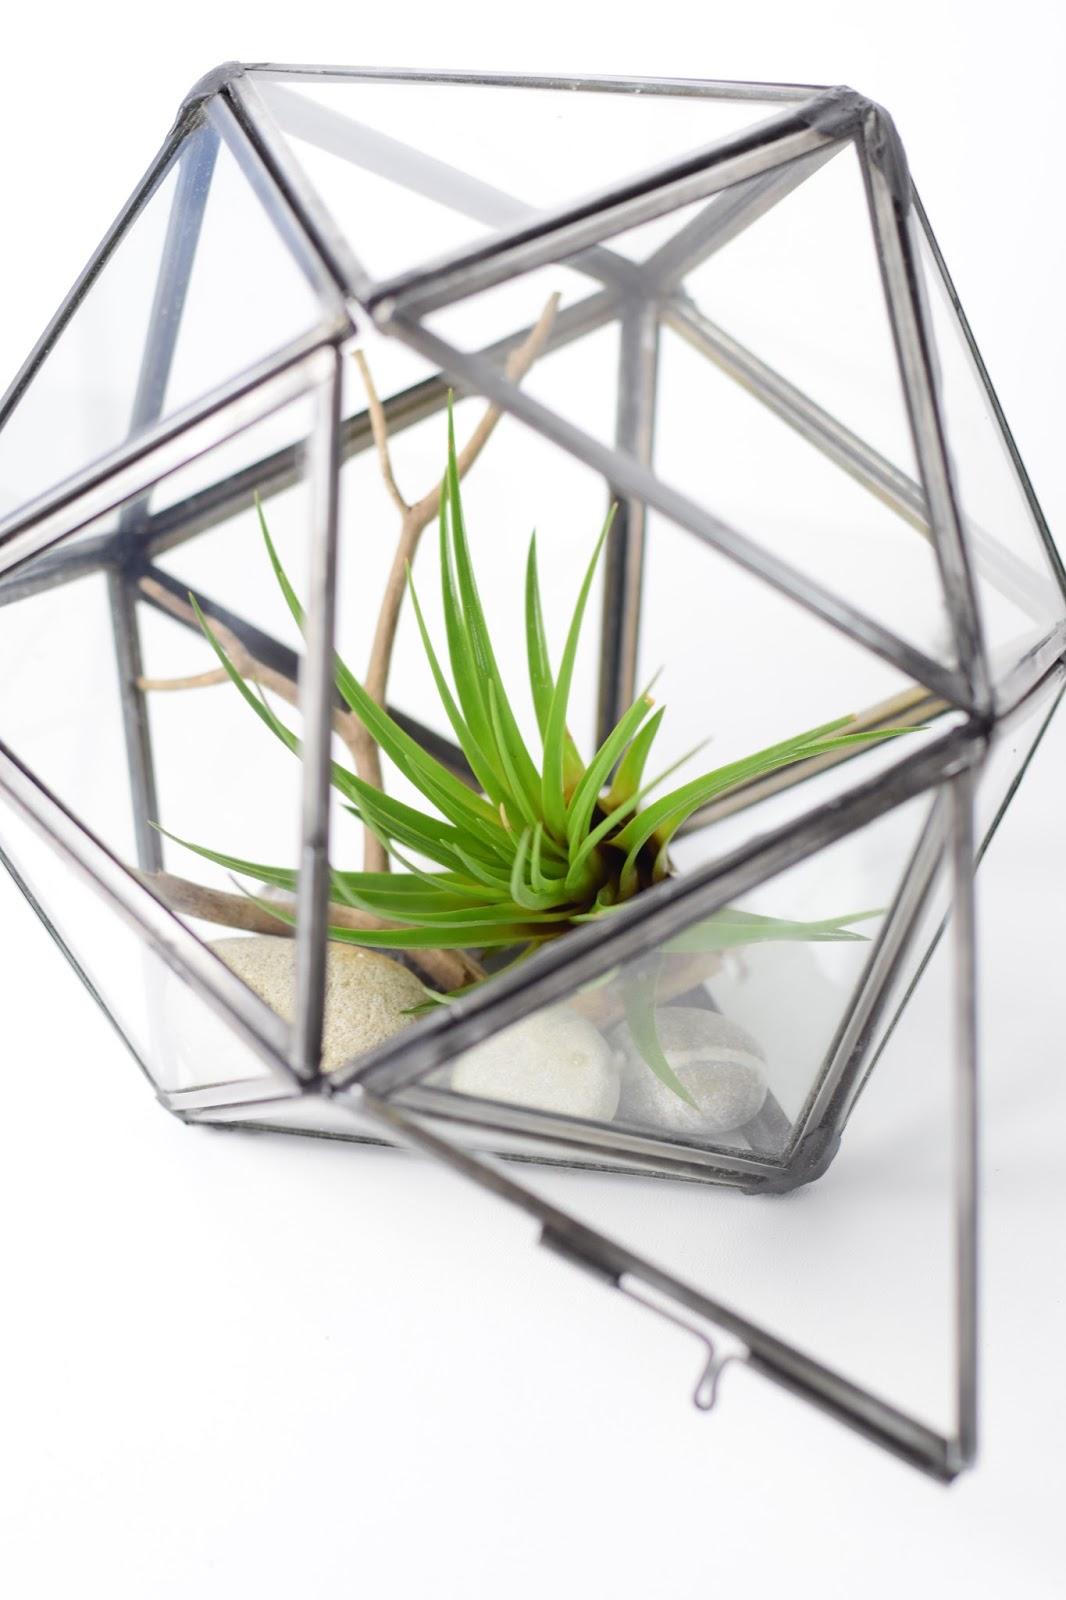 zimtzebra geometrisches terrarium bepflanzung und. Black Bedroom Furniture Sets. Home Design Ideas